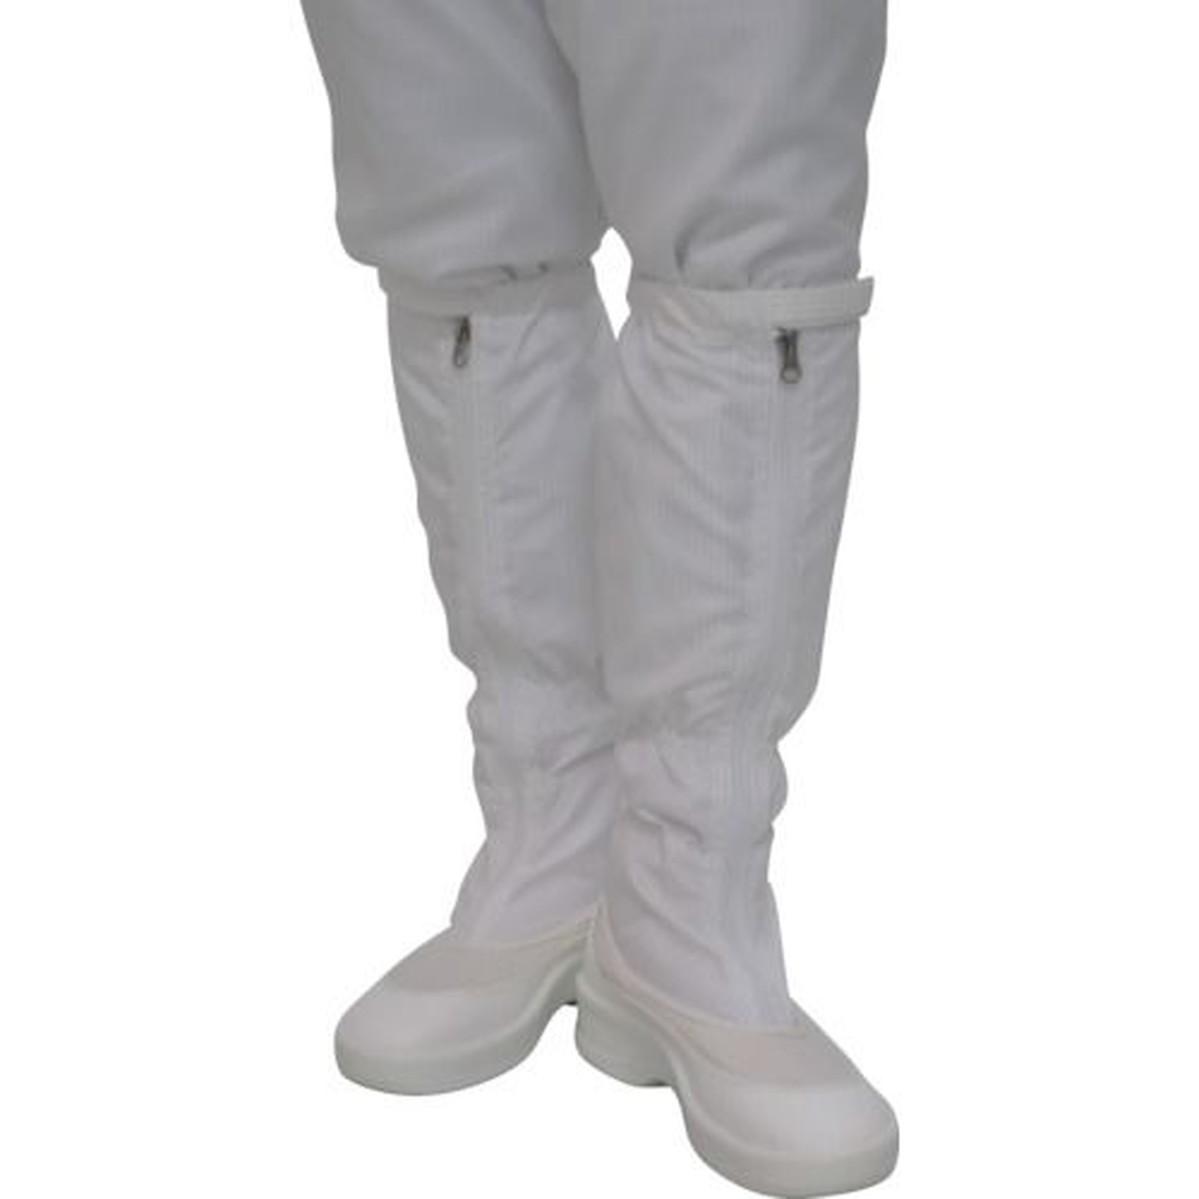 あす楽対応 DIY用品 メーカー公式ショップ ゴールドウイン ファスナー付ロングブーツ ホワイト 1足 選択 27.0cm